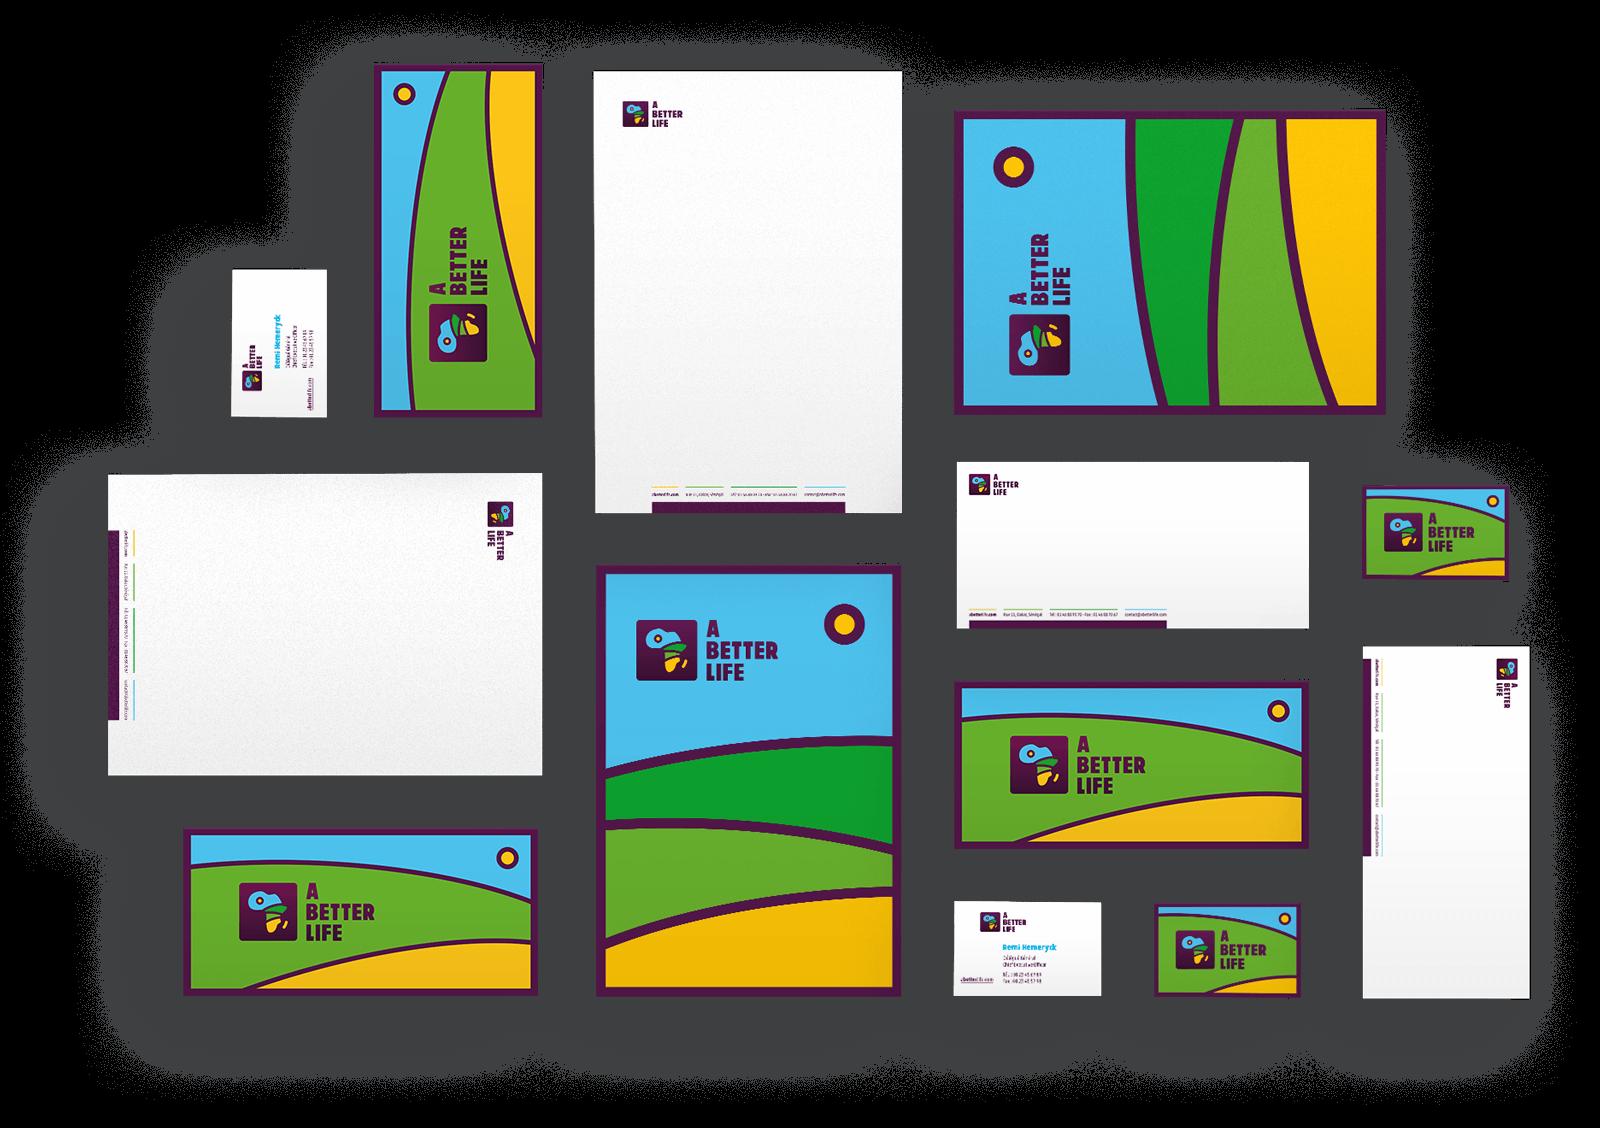 benjamin lecoq-graphiste-directeur-artistique-paris clichy-logo identité visuelle guideline-a better life-association sos-sahel-papeterie